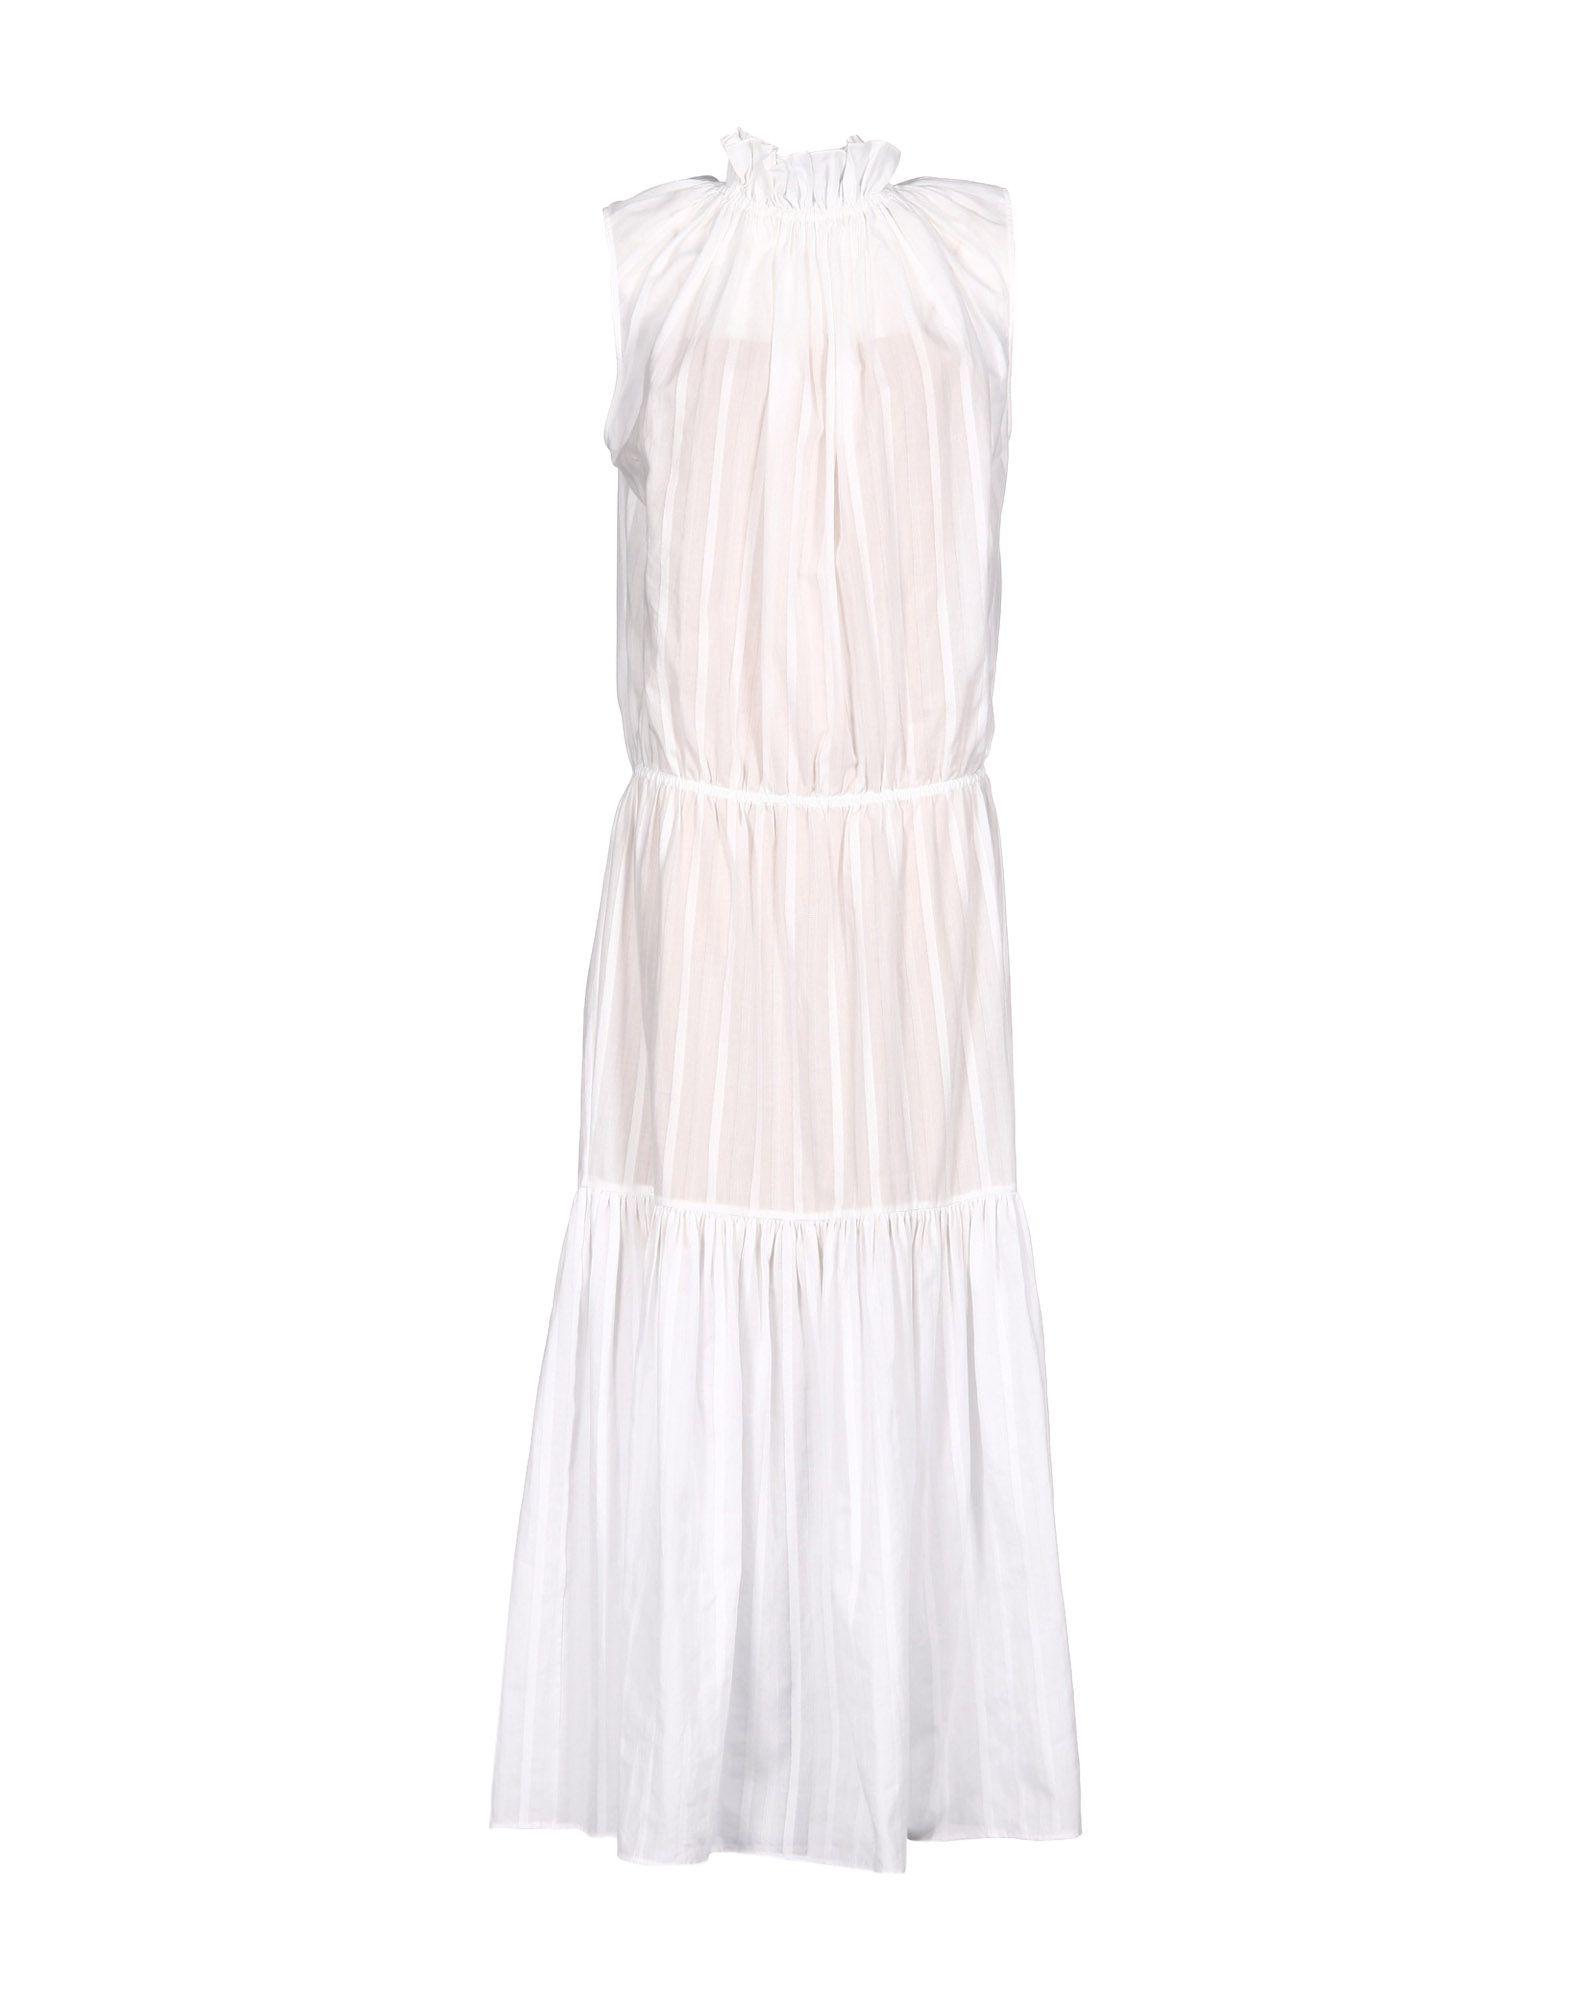 《送料無料》STELLA McCARTNEY レディース ロングワンピース&ドレス ホワイト 46 コットン 100%